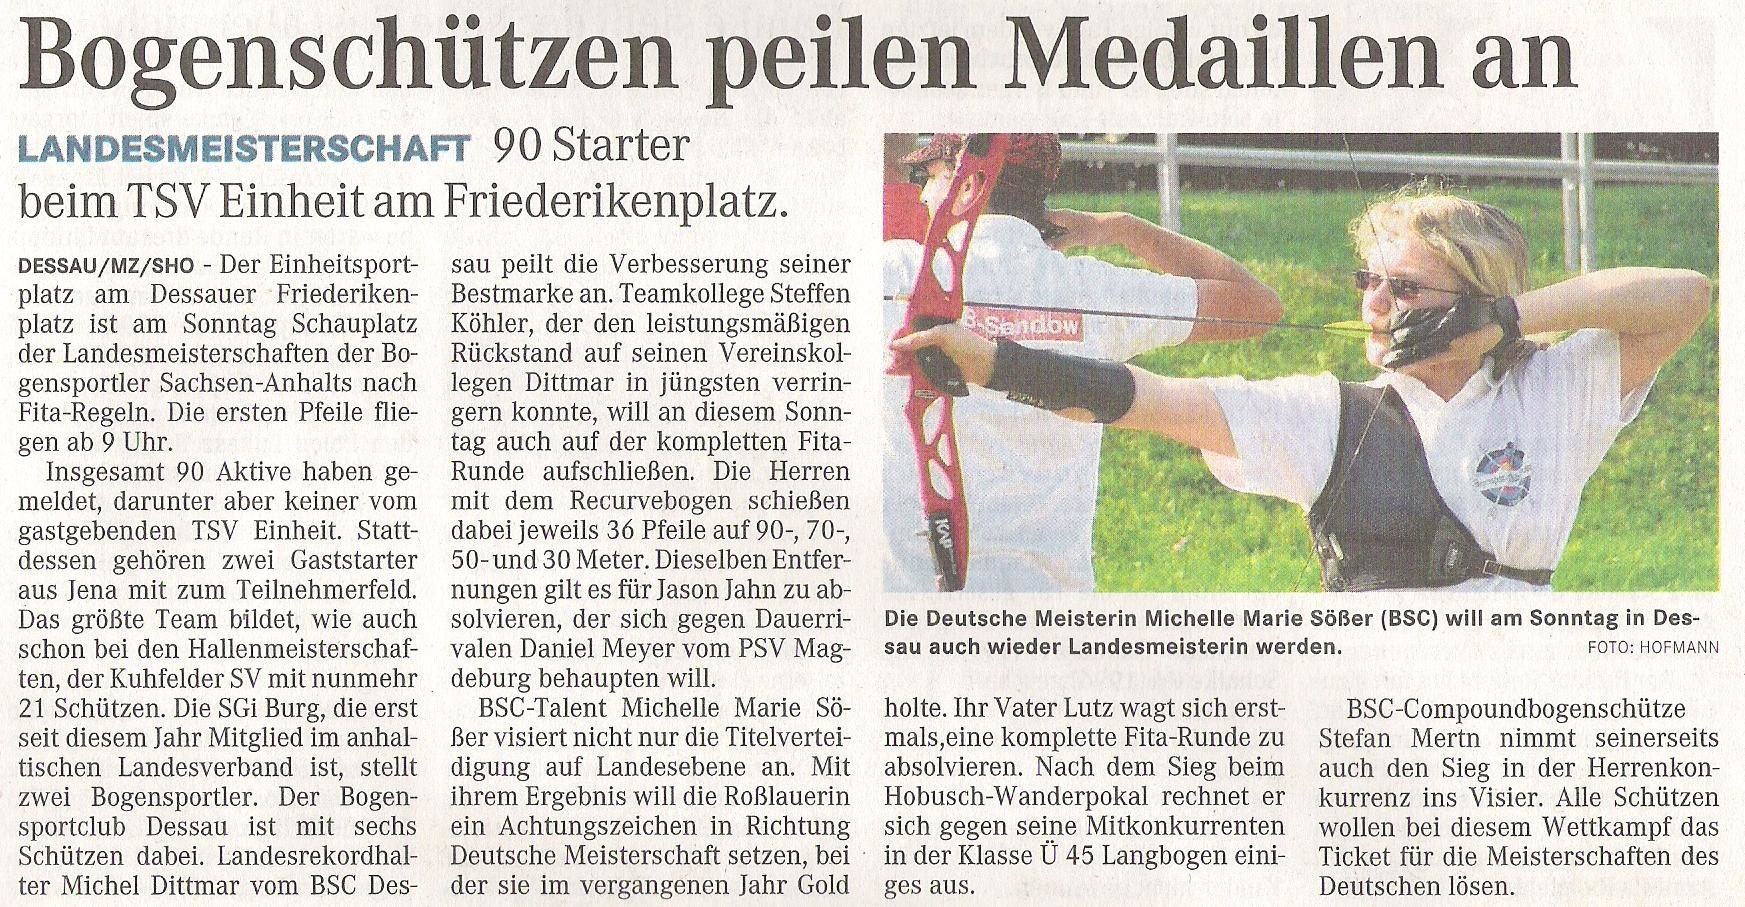 Ankündigung LM Fita Scheibe – Mitteldeutsche Zeitung vom 25.06.2010